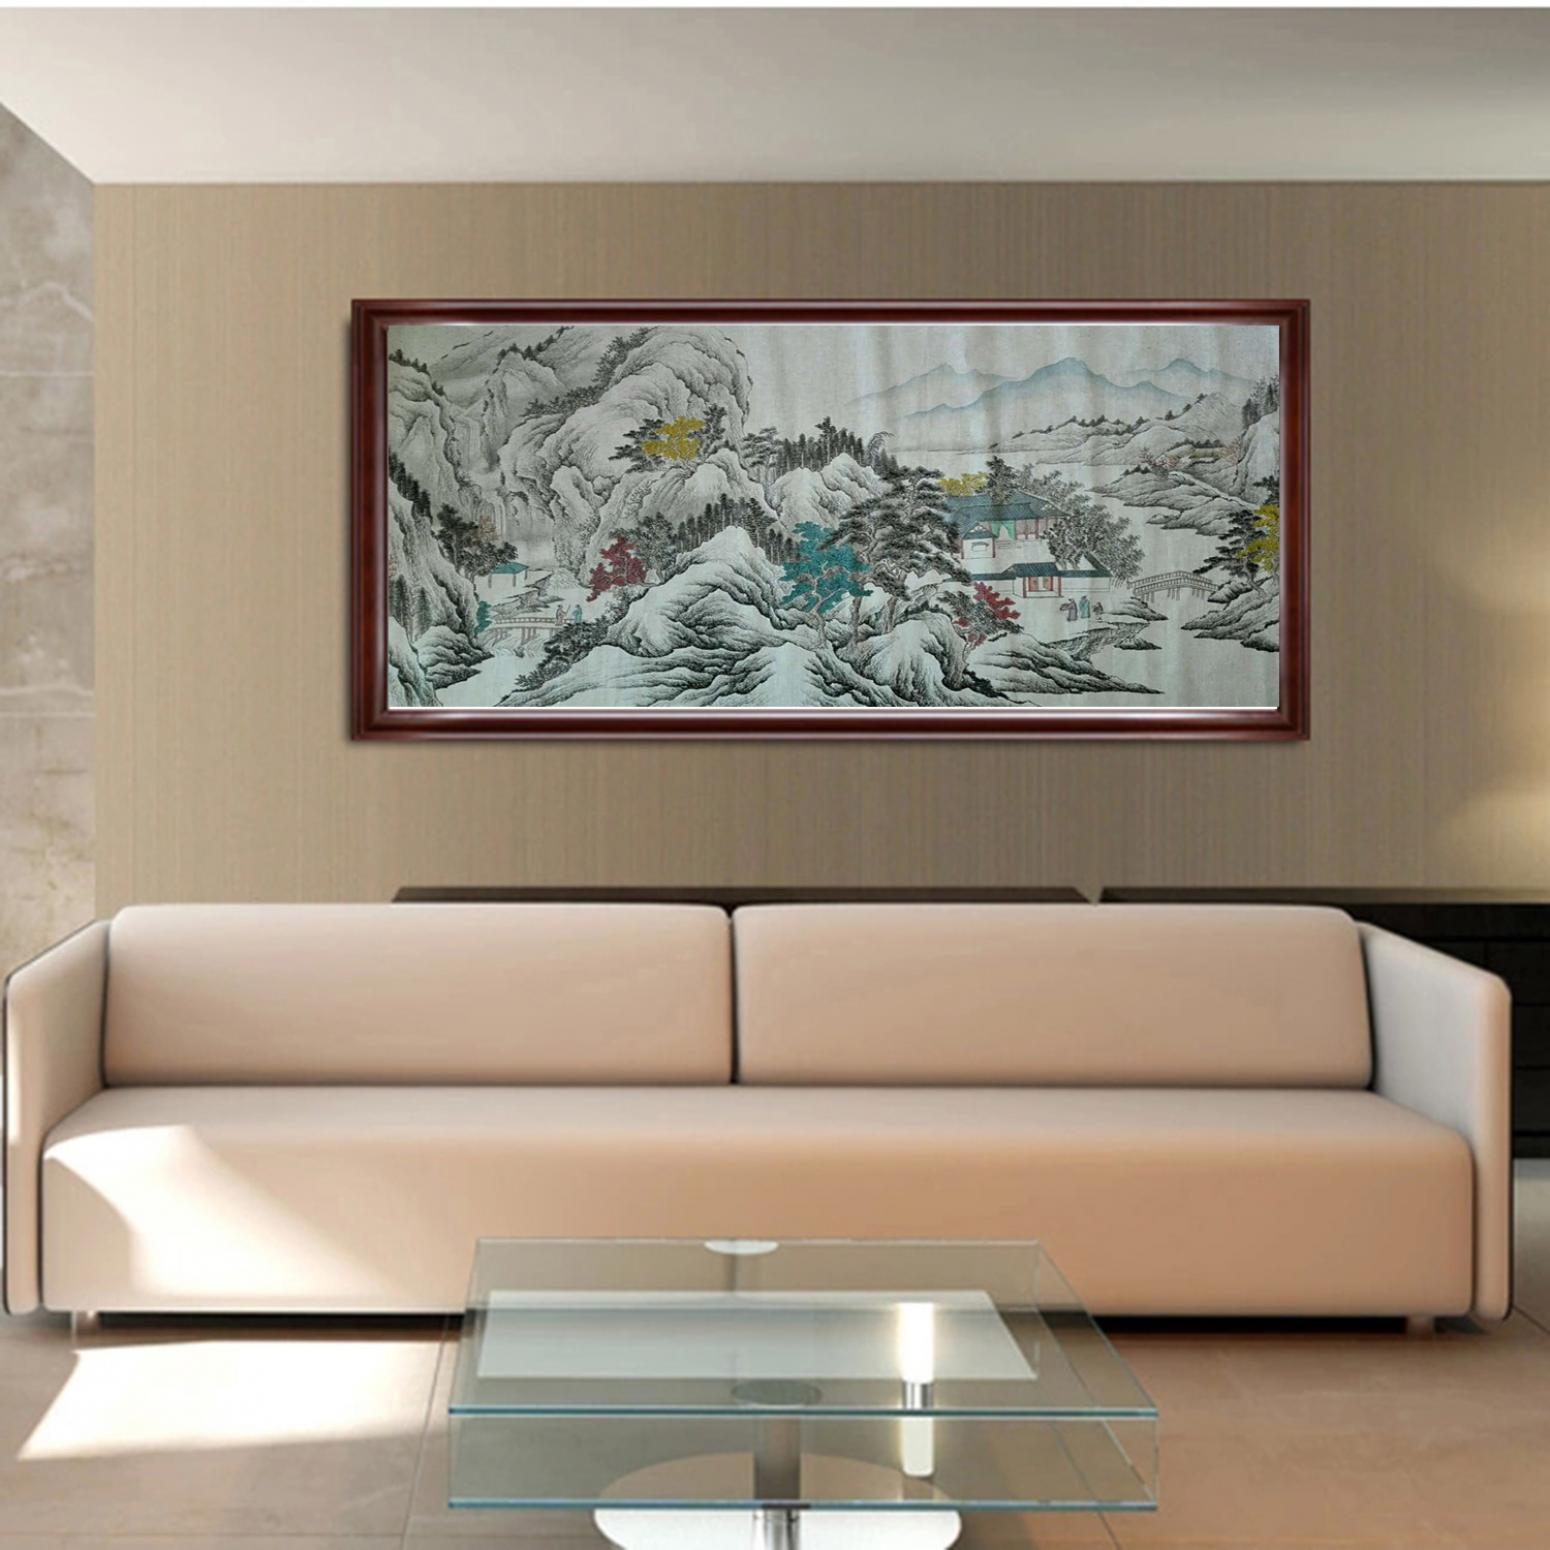 陈奇培国画作品《【拜访】作者陈奇培 临摹》【图3】